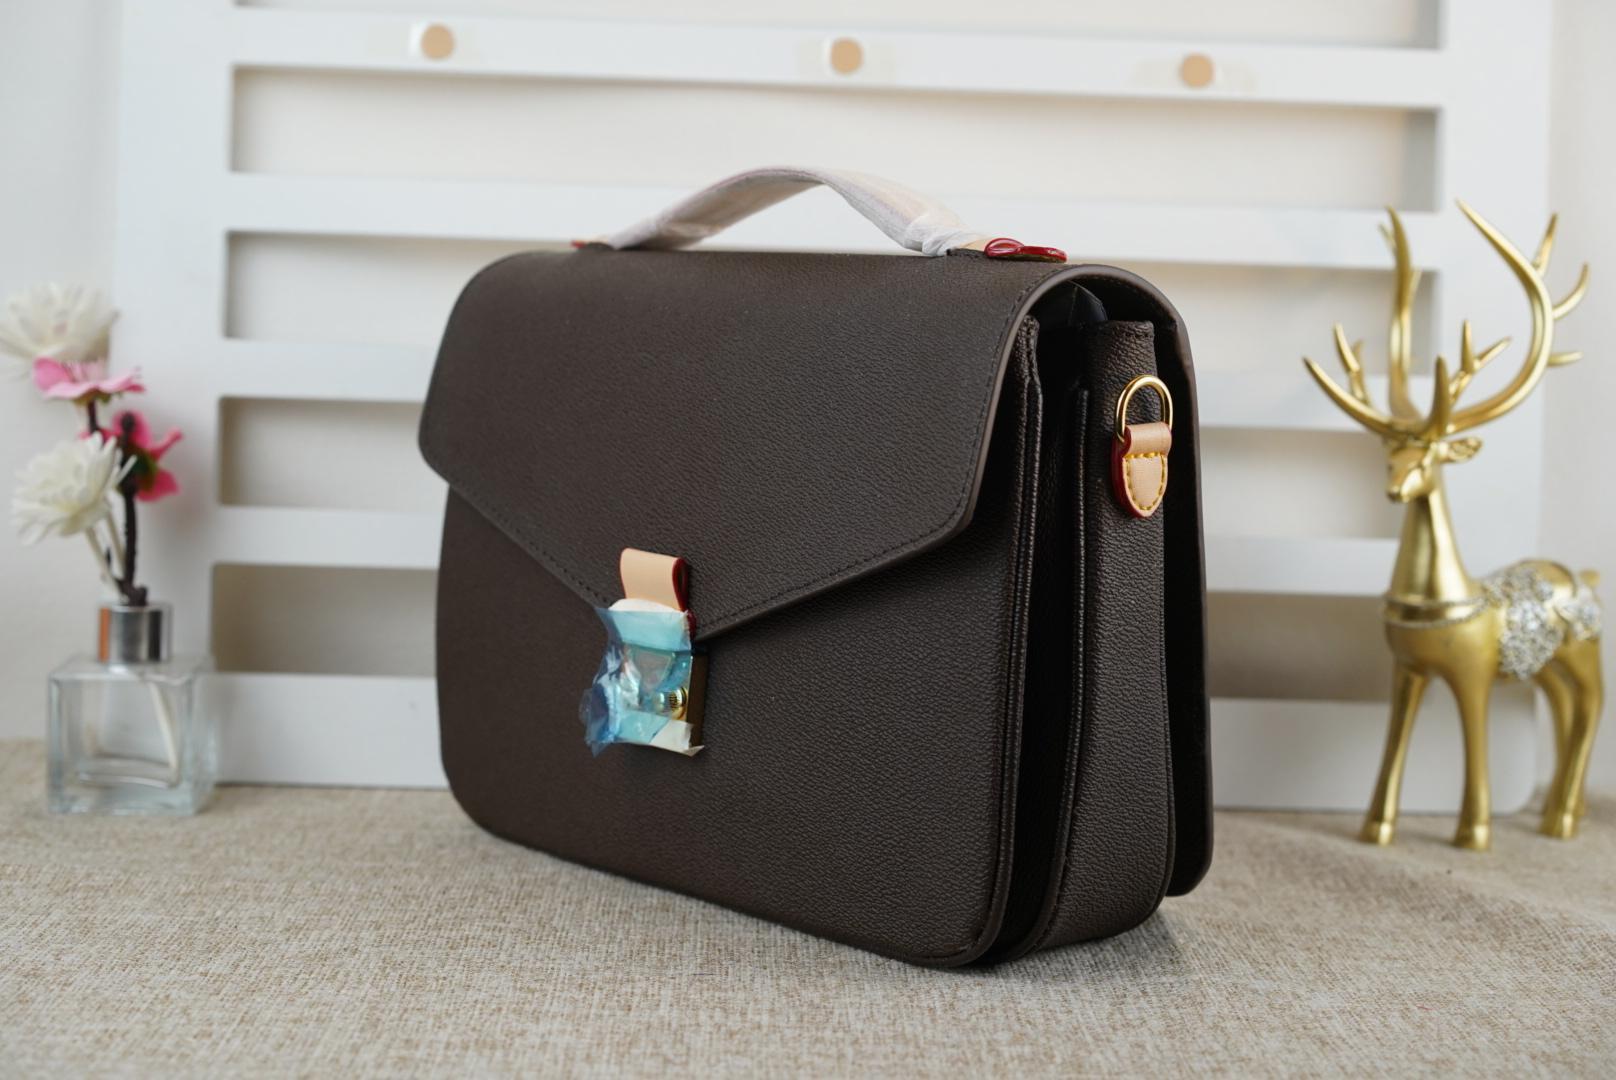 Bolsa de ombro mulher venda de alta qualidade Metis bolsa de couro genuíno alça 996 desenhista handbgs bolsa clássico impressão moda em relevo 780 quente